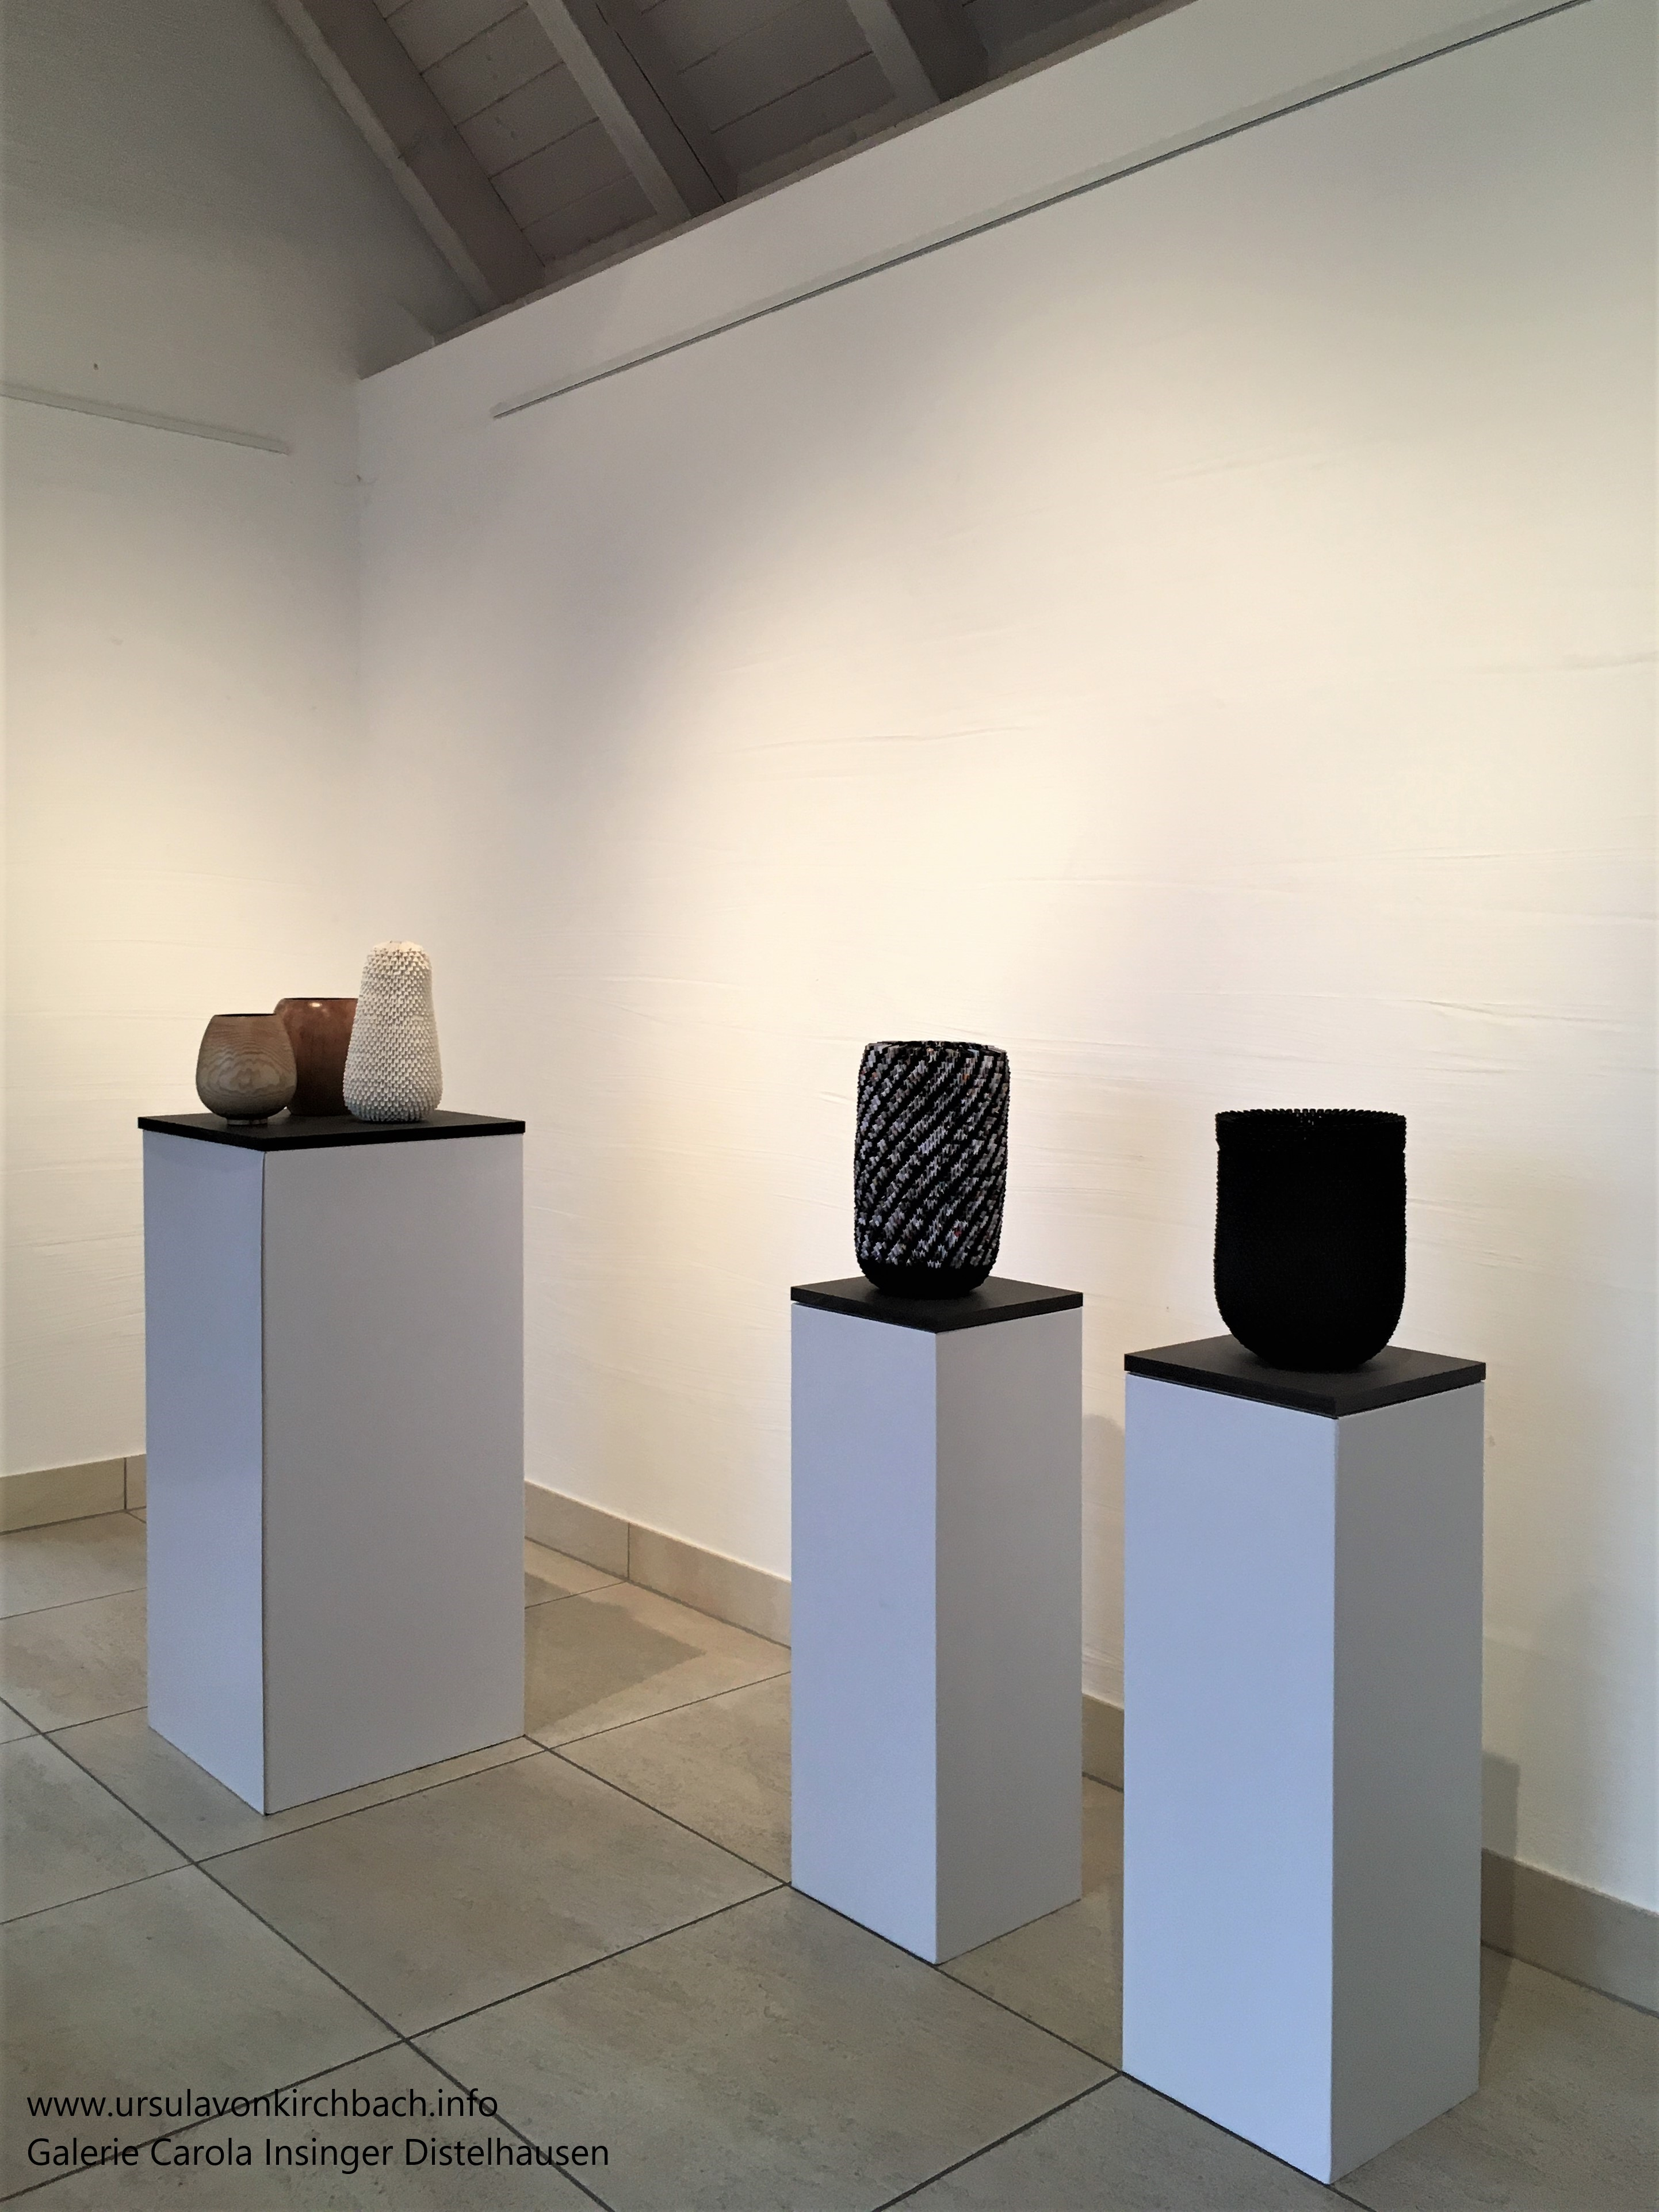 Galerie Carola Insinger Distelhausen -Eingang 2